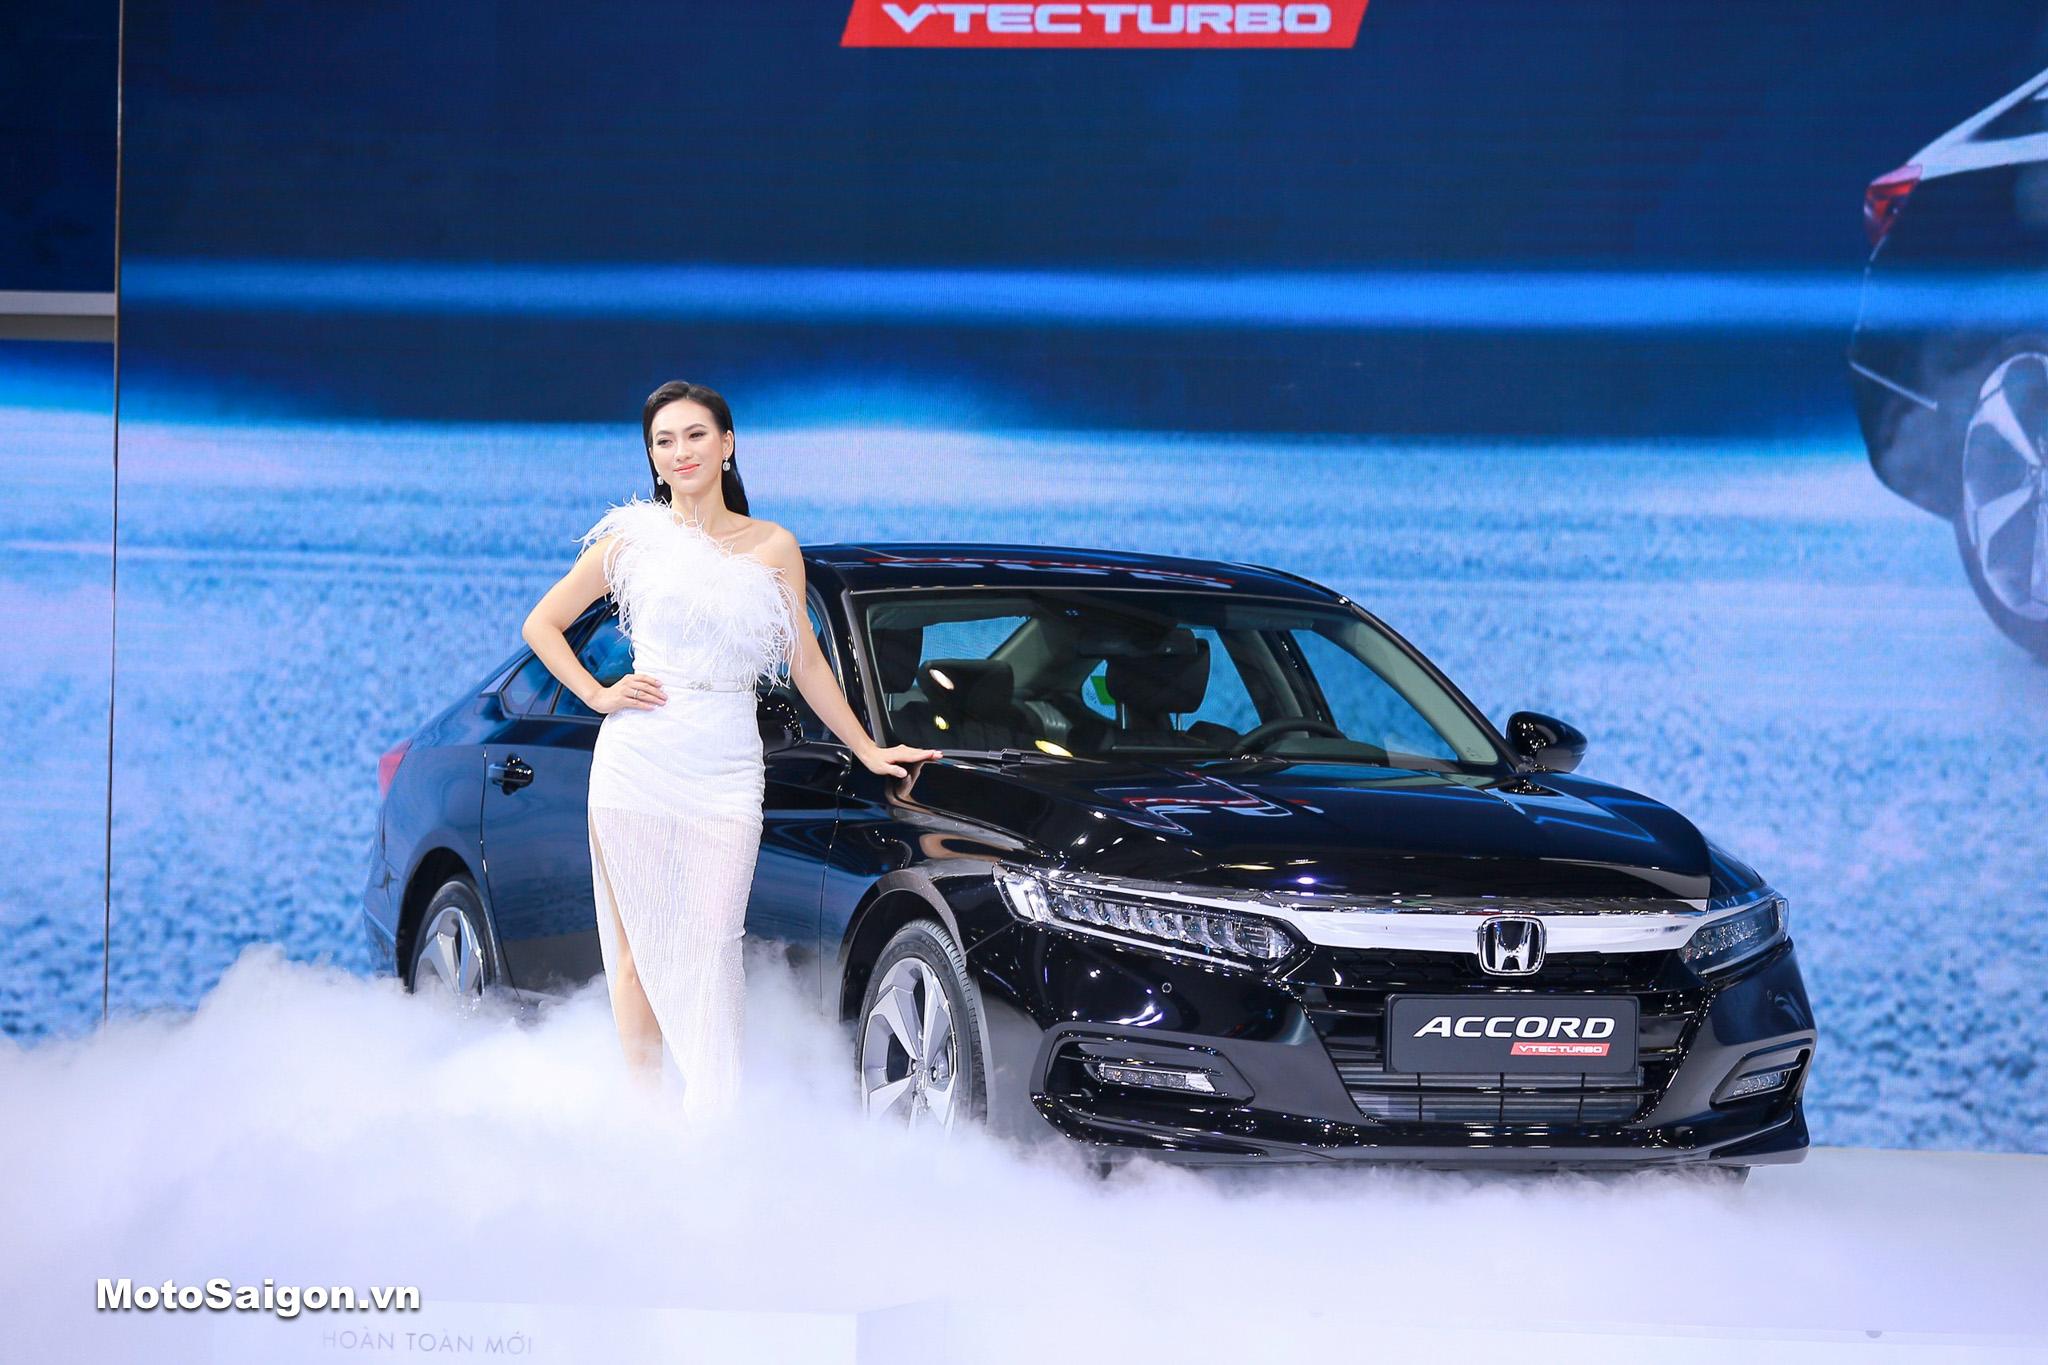 Giá xe Honda Accord thế hệ thứ 10 mới nhất đã được công bố tại Việt Nam